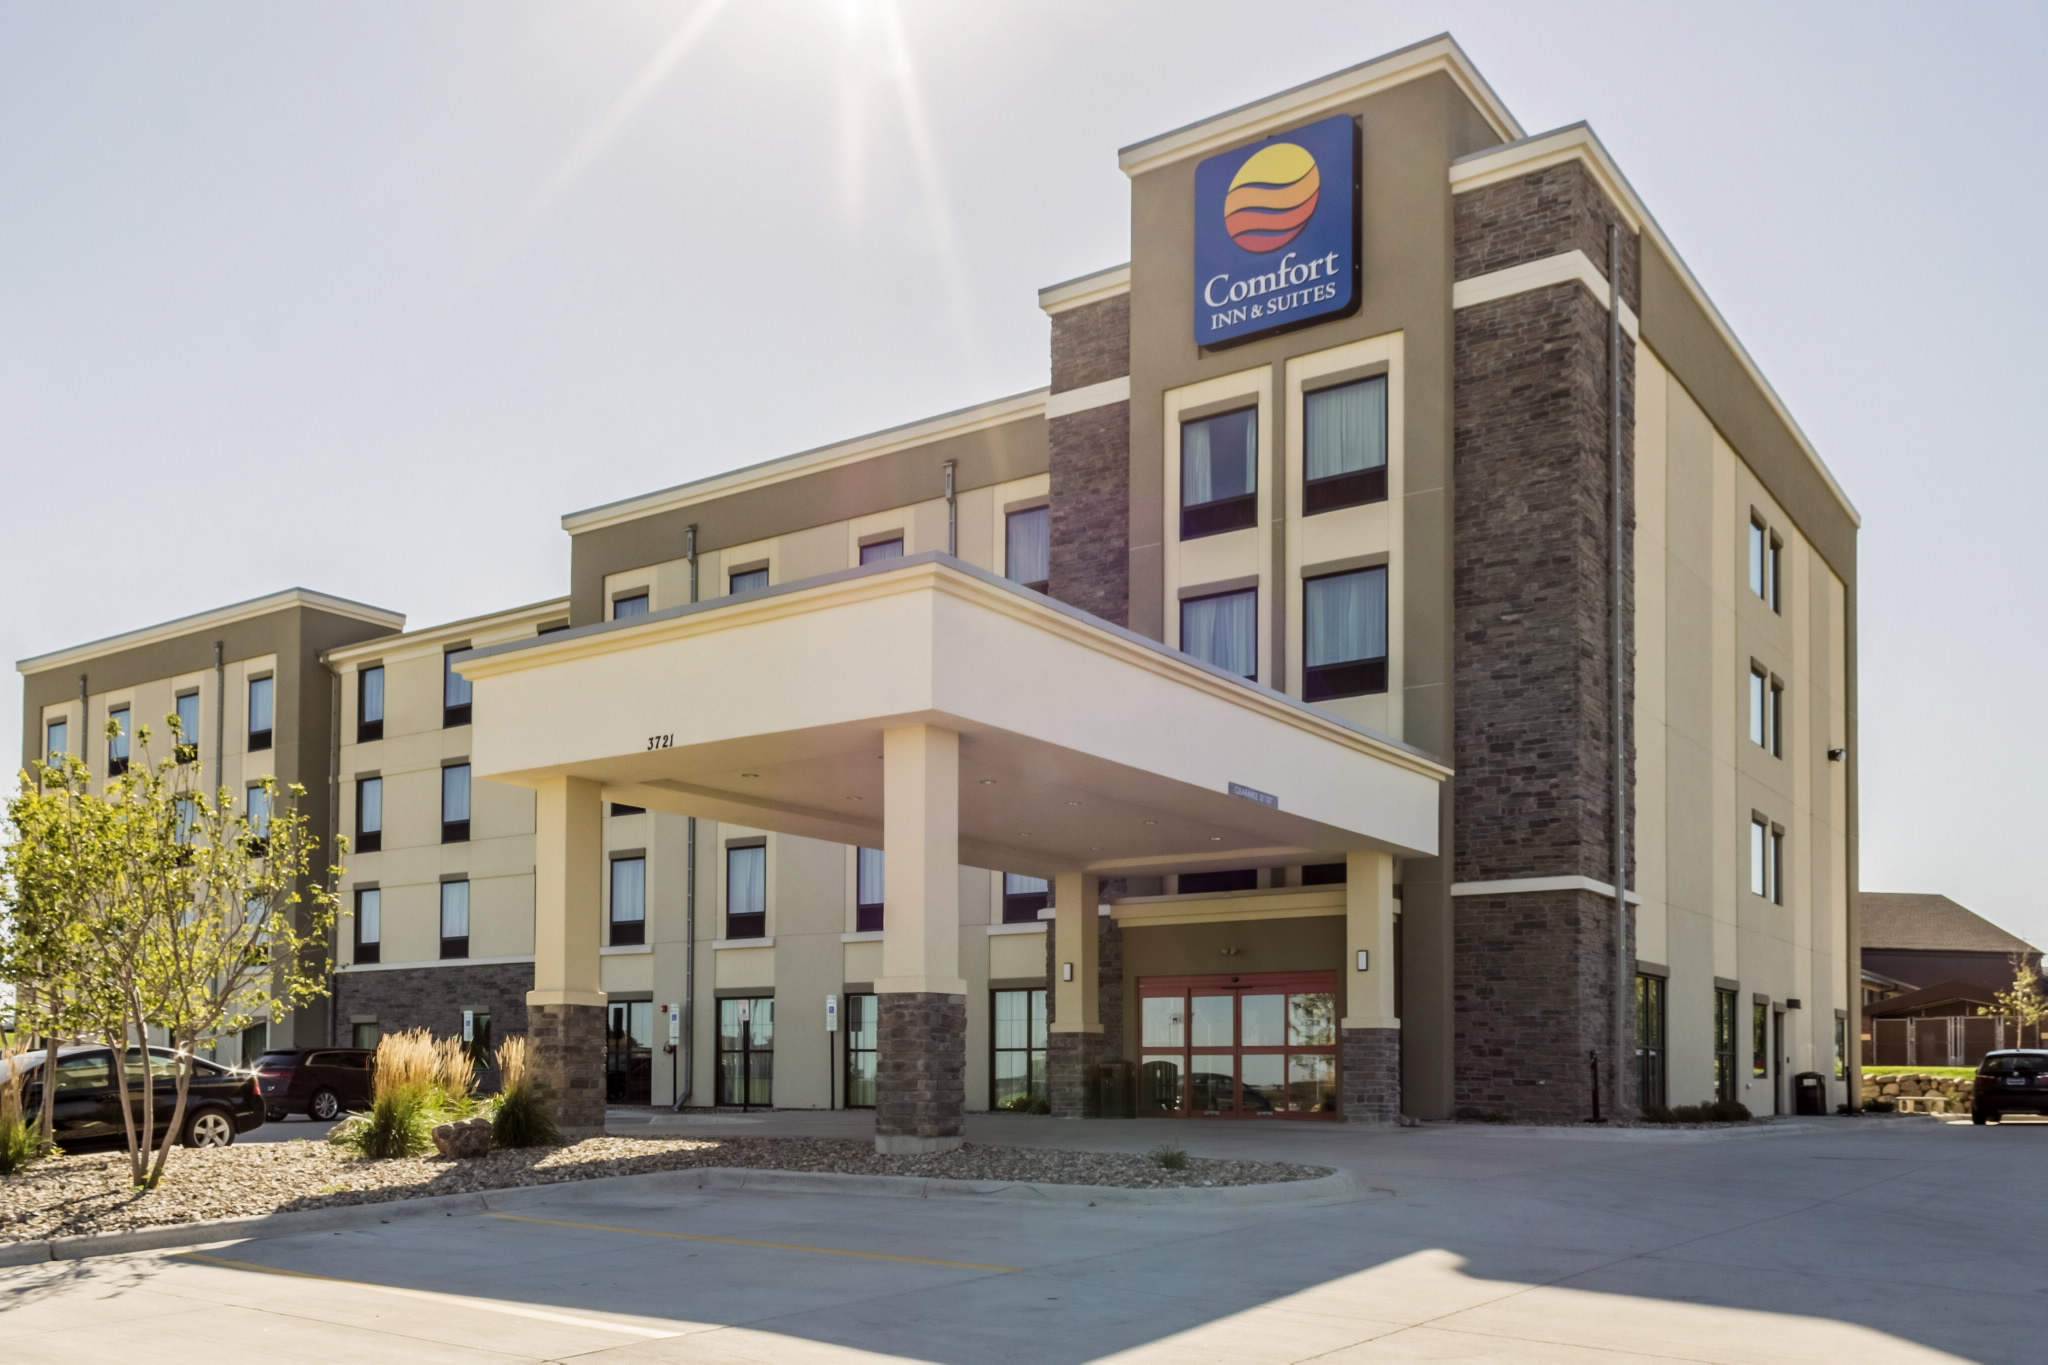 hotels and motels in harrisburg sd harrisburg south dakota